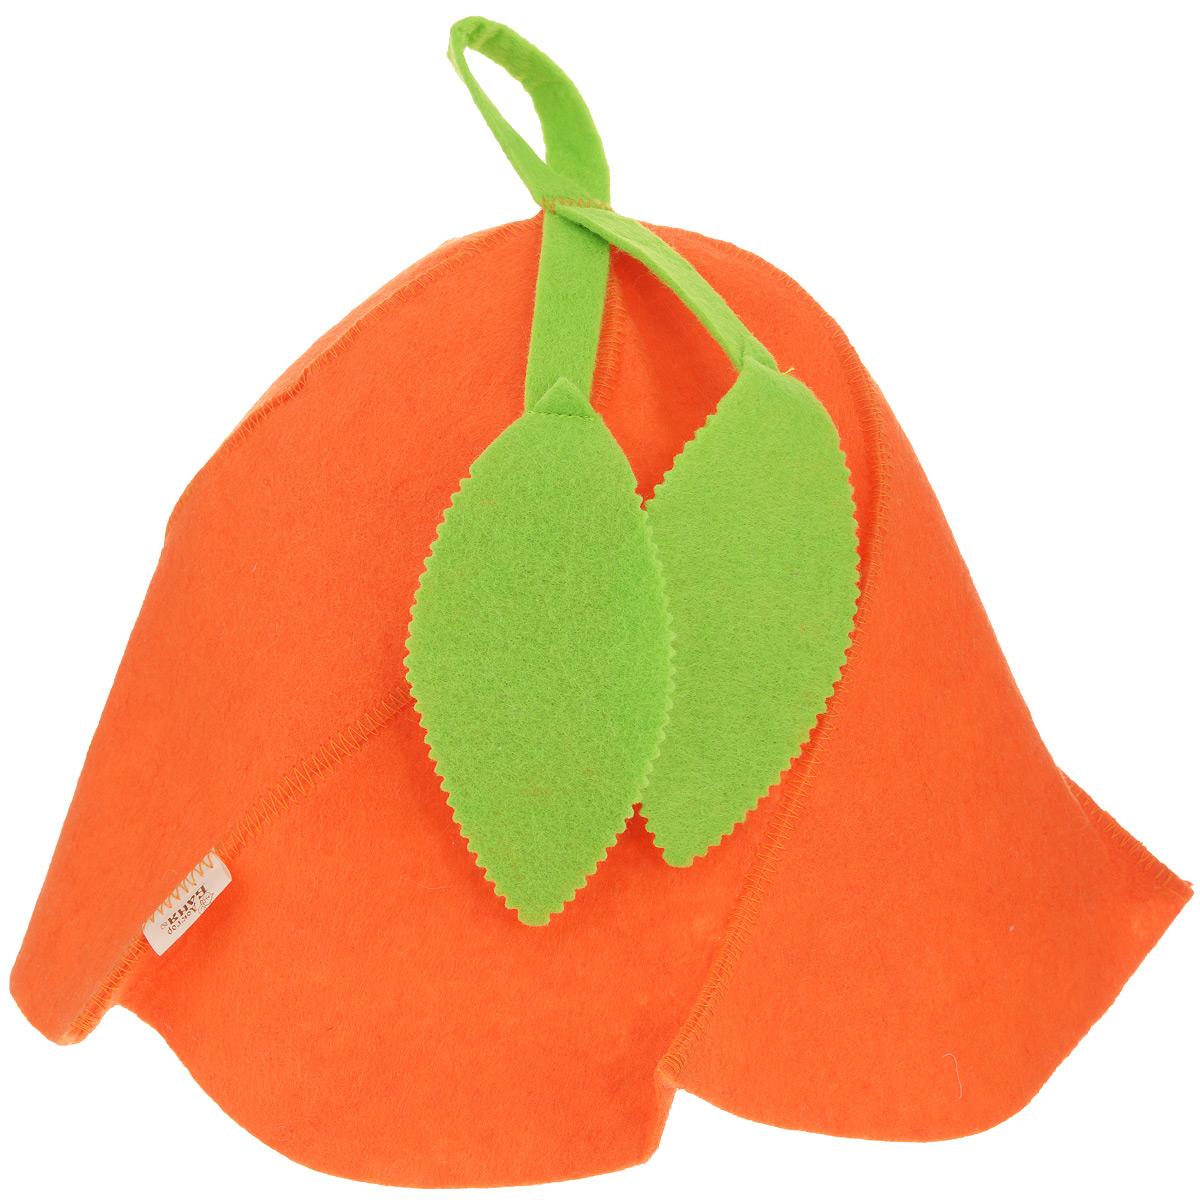 Шапка для сауны Вьюнок, цвет: оранжевый, зеленый, 26 см х 31 см. 905245905245